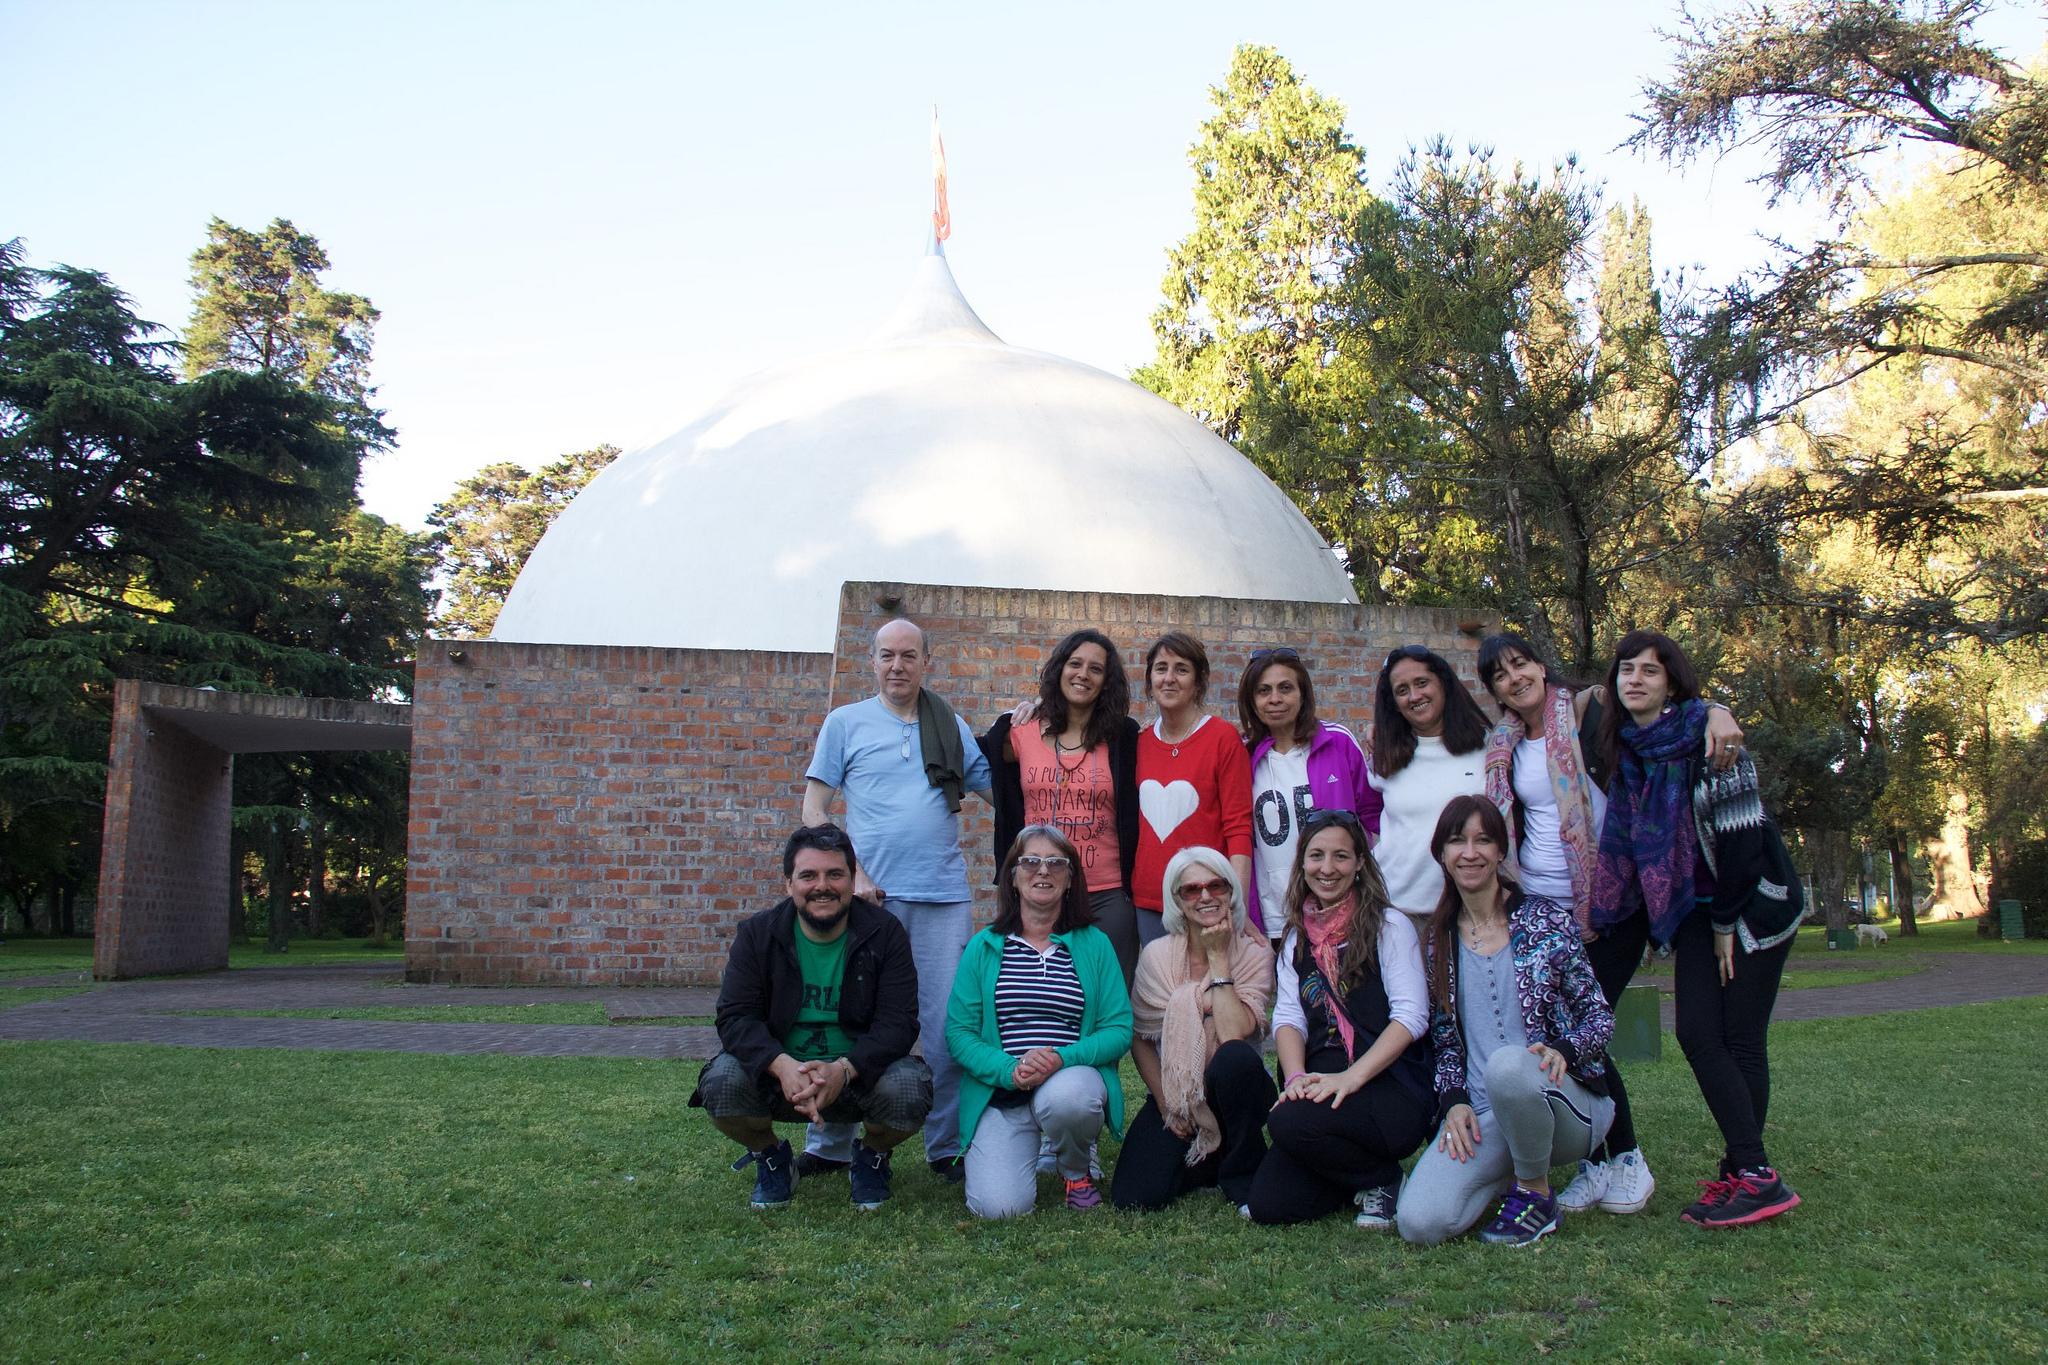 Jornada de Yoga en Parque La Reja 2016